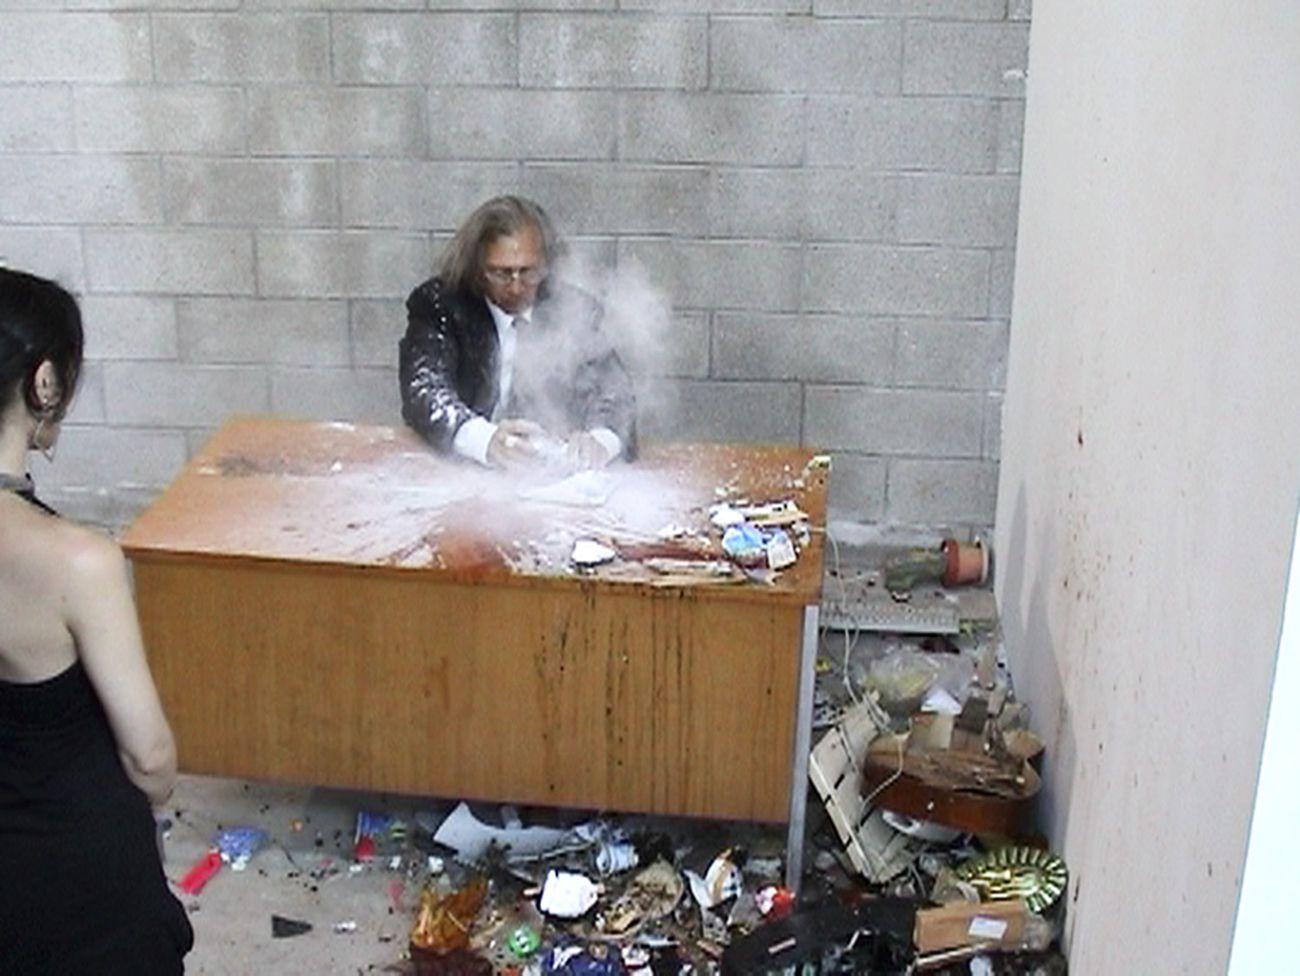 Jimmie Durham, Smashing, 2004, still da video